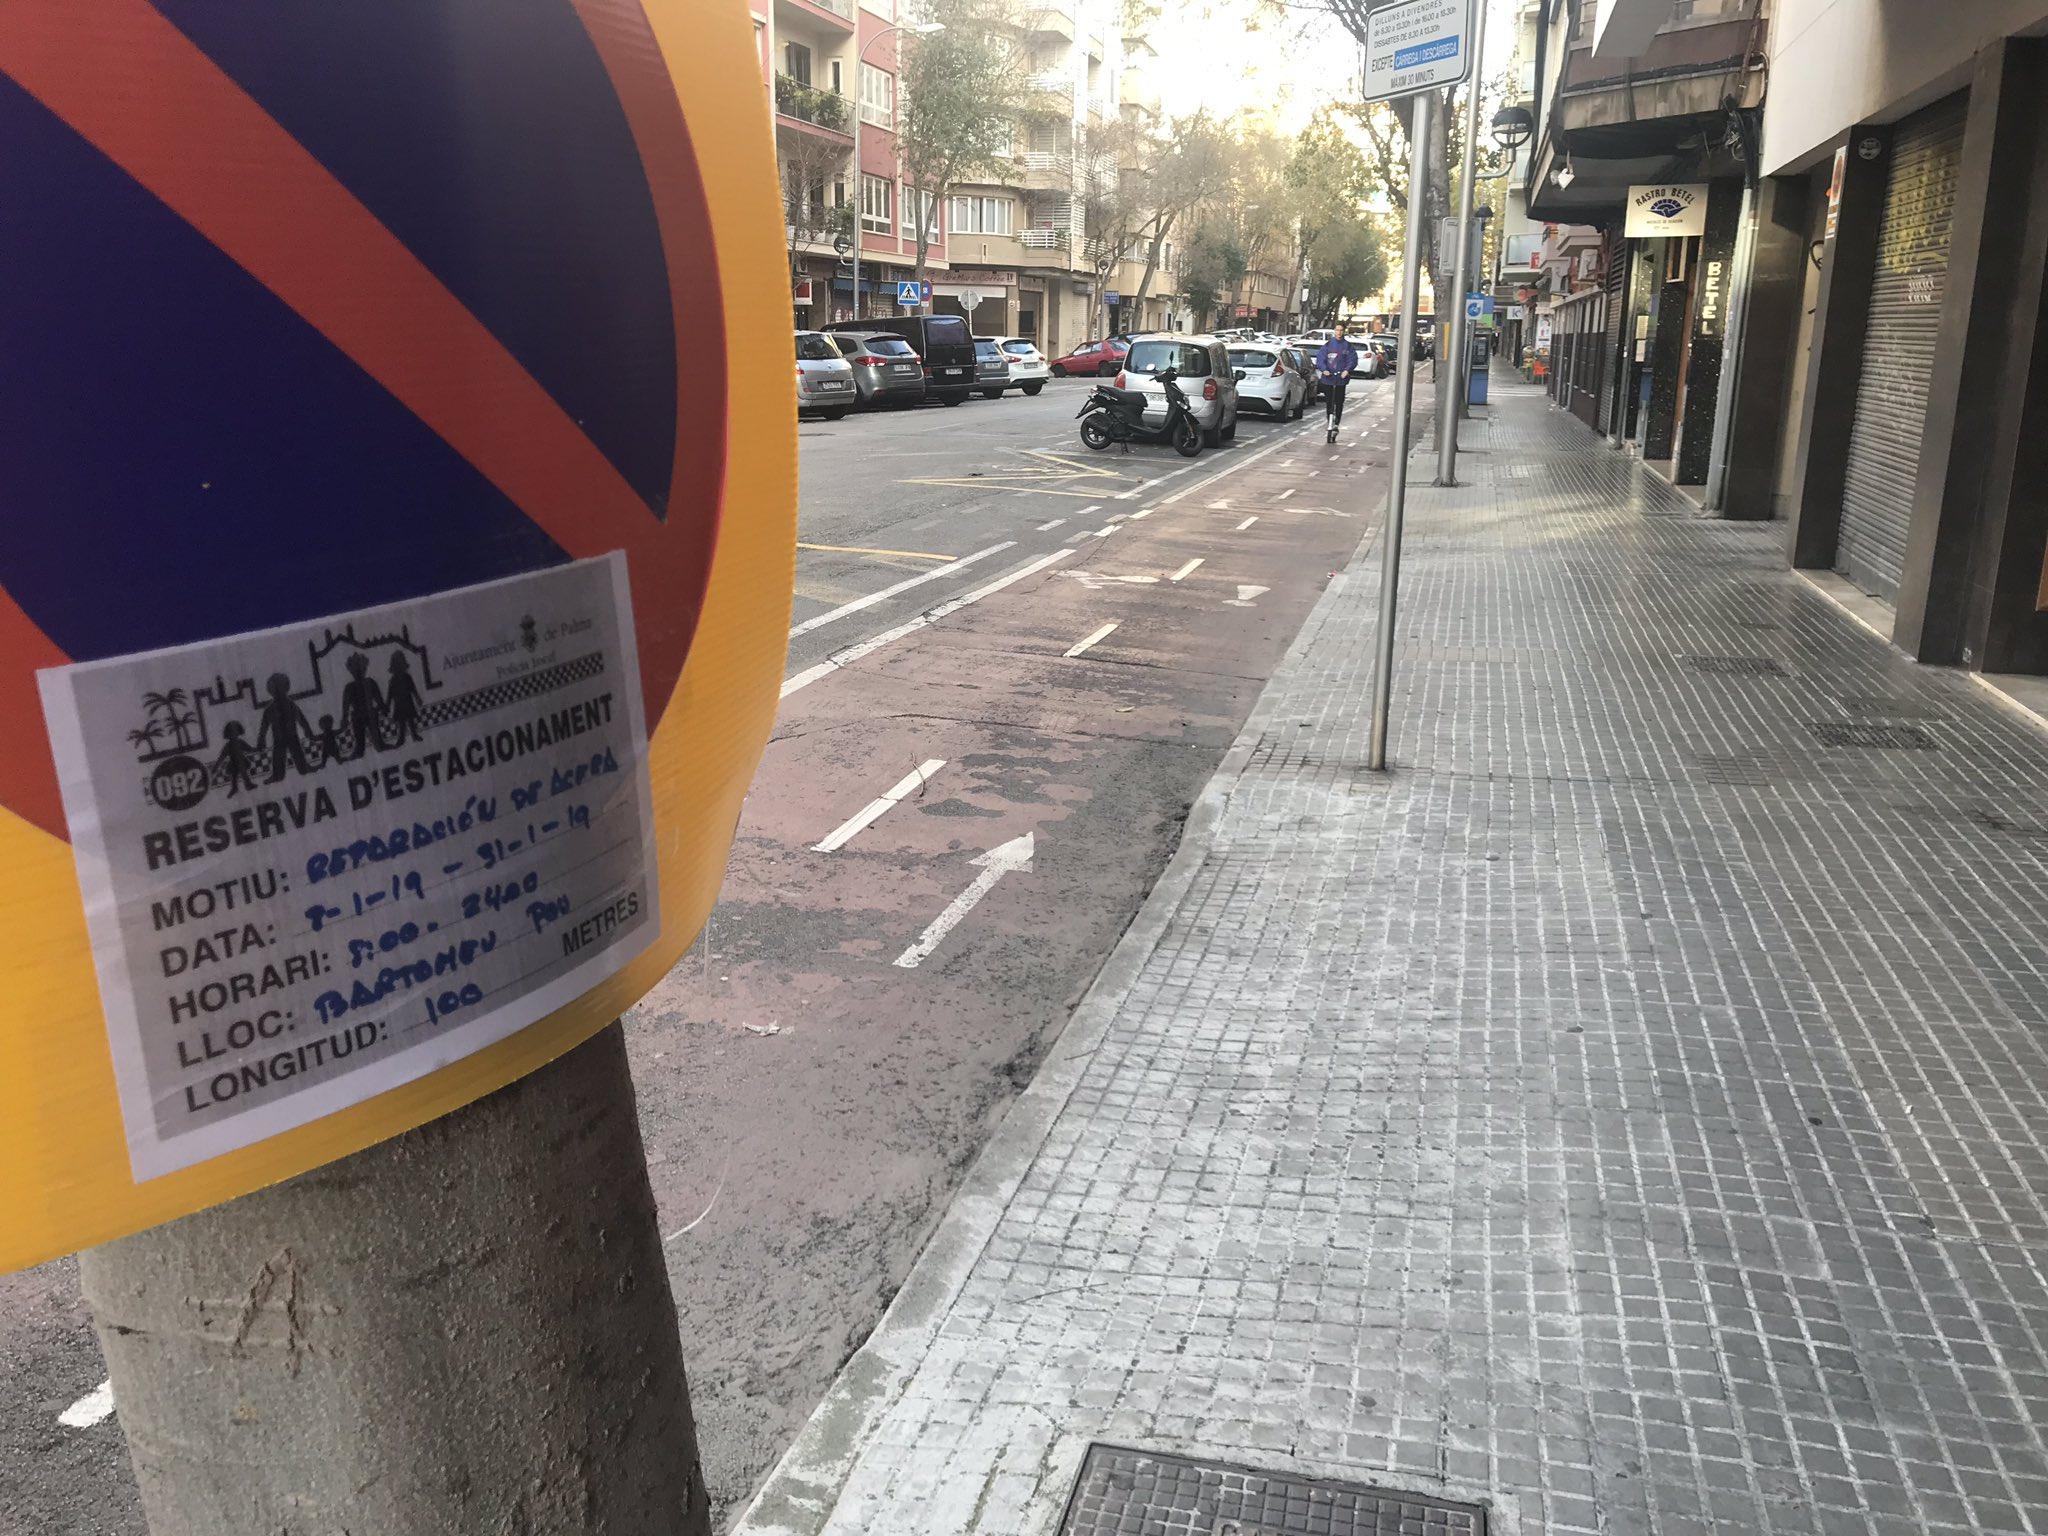 Comencen les obres de millora de les voravies del carrer Bartomeu Pou